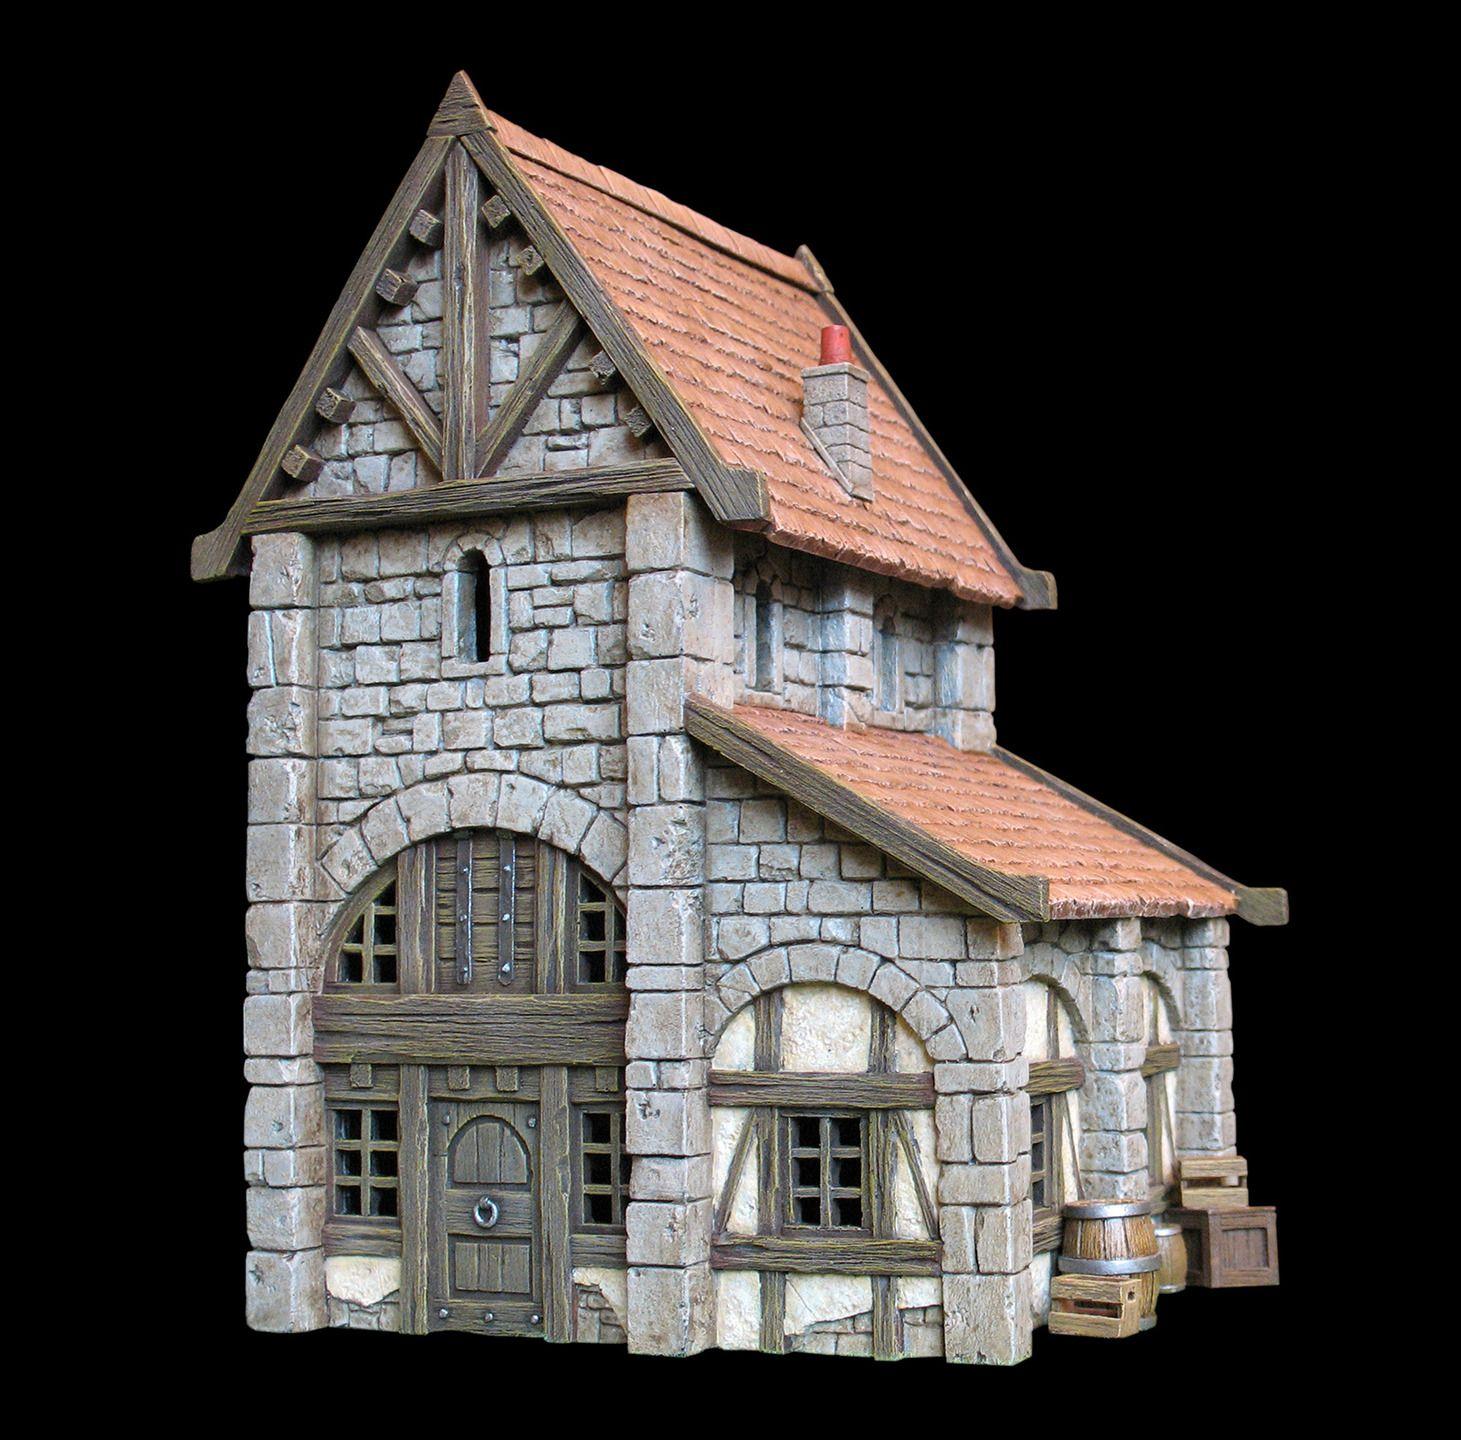 medieval house facade - Google Search